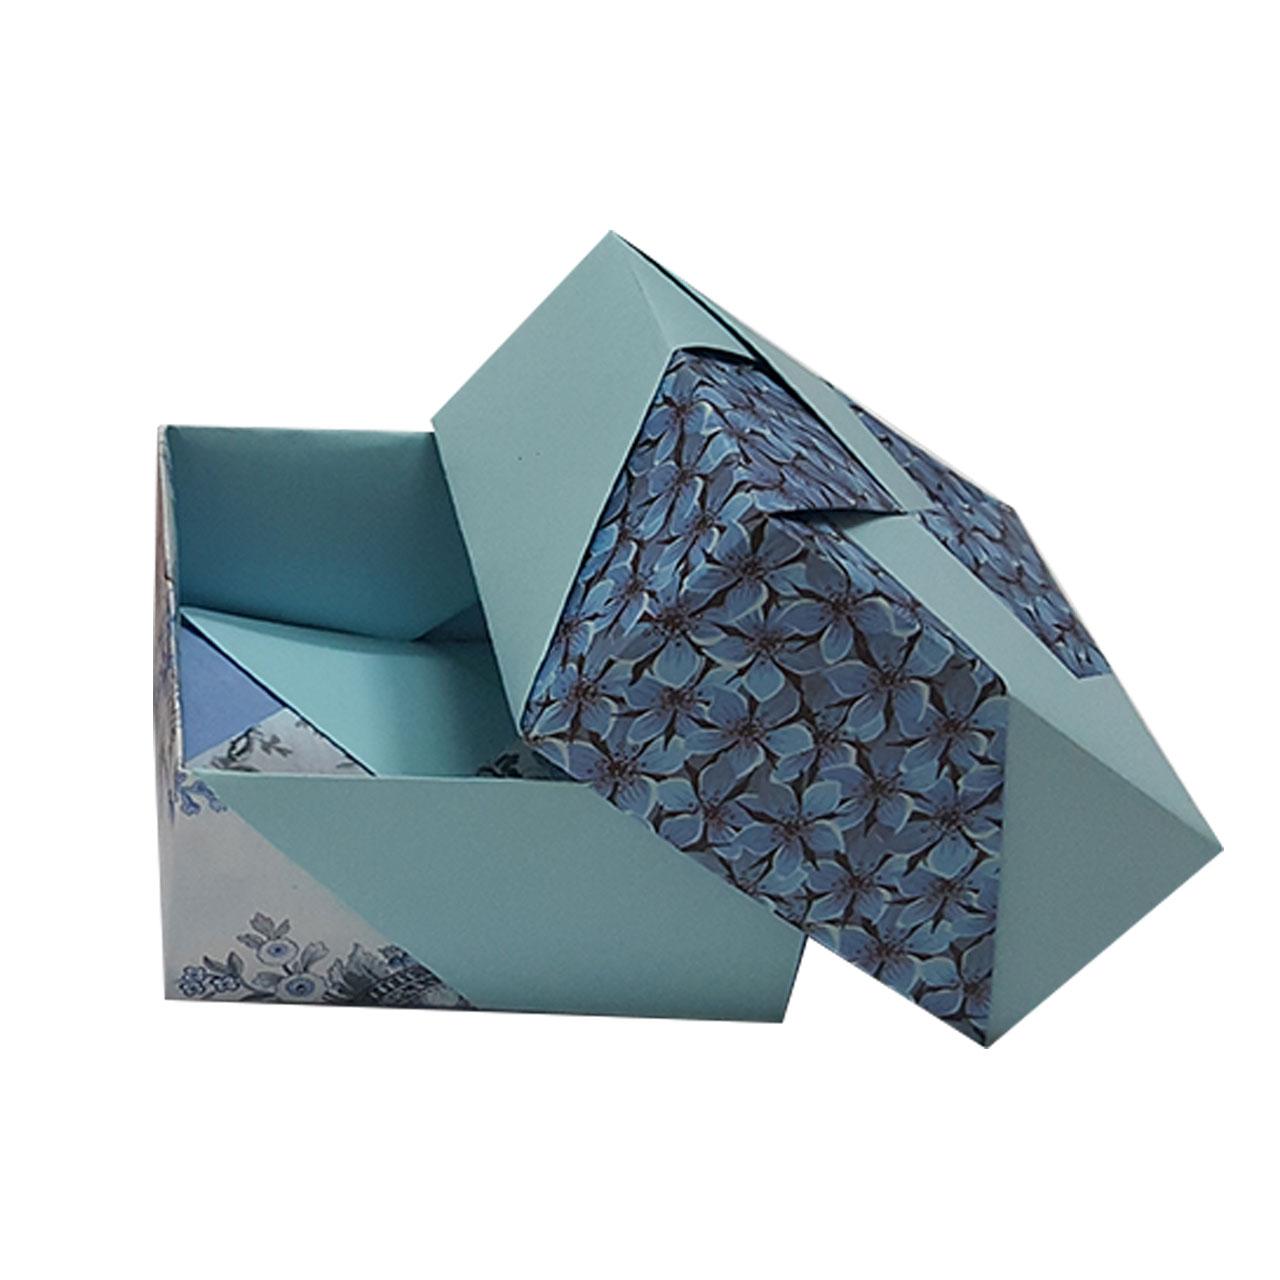 جعبه کادو مدل اریگامی blue sky